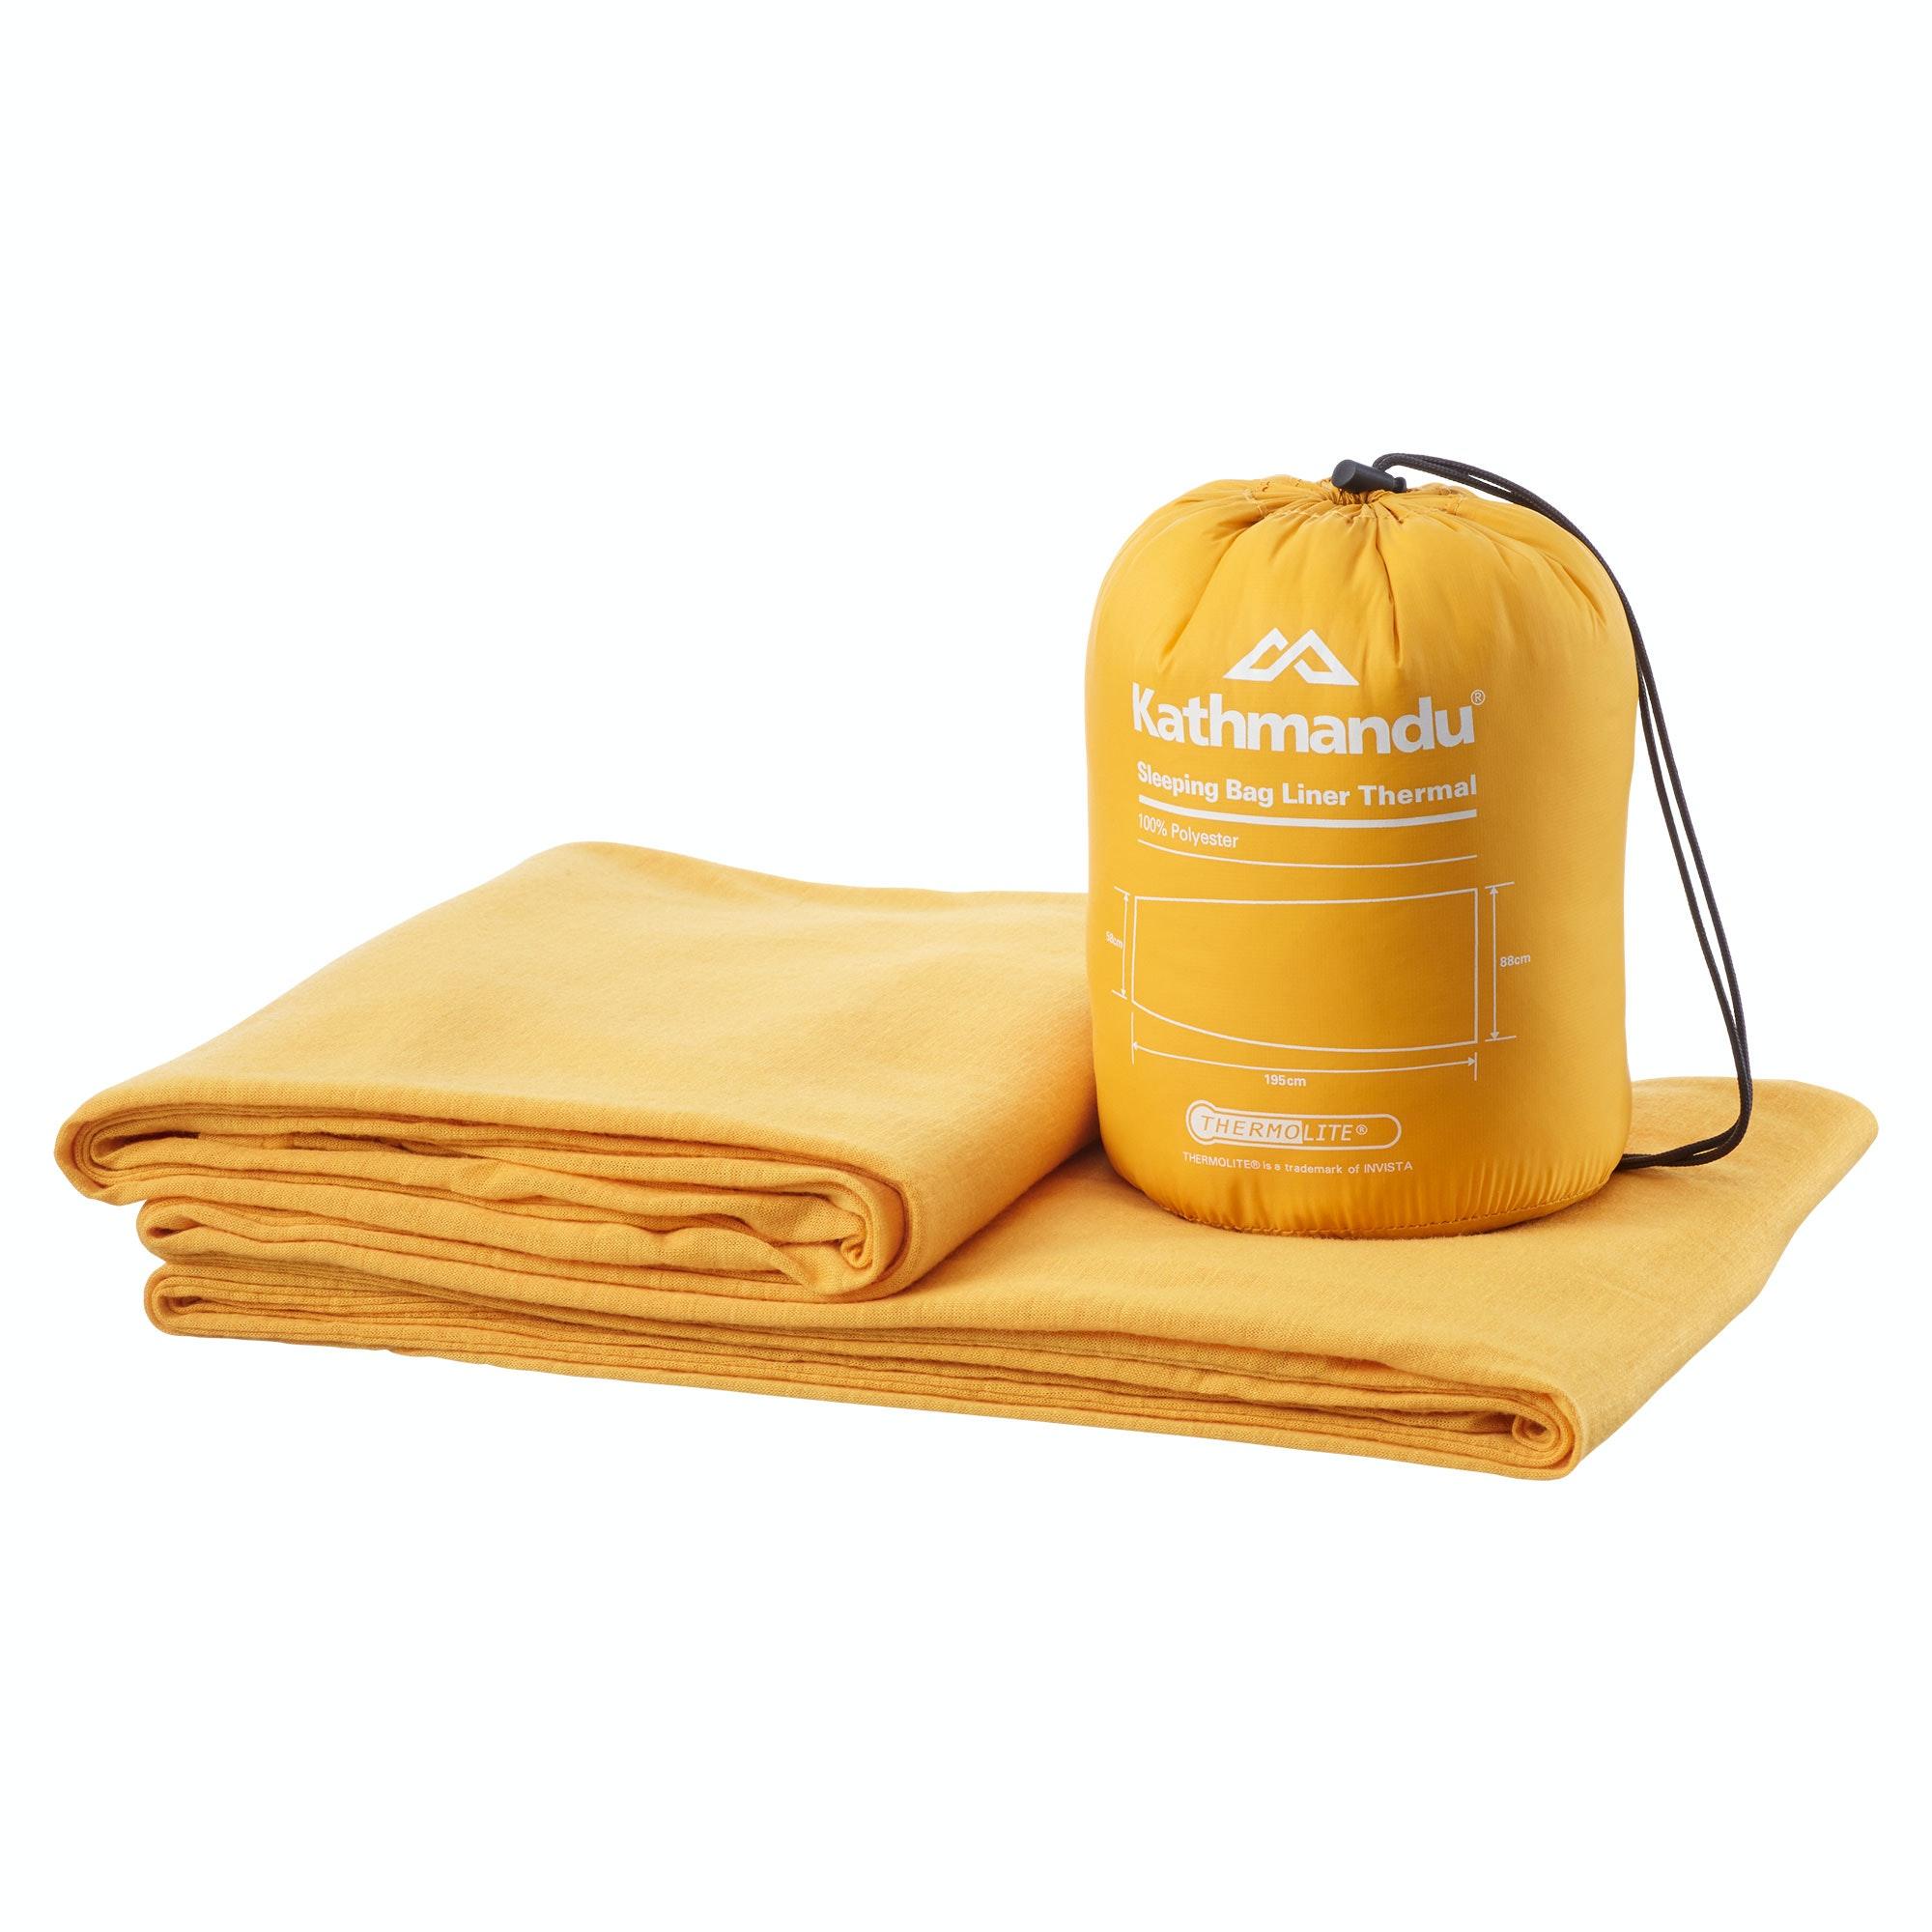 Sleeping Bag Liner Thermal